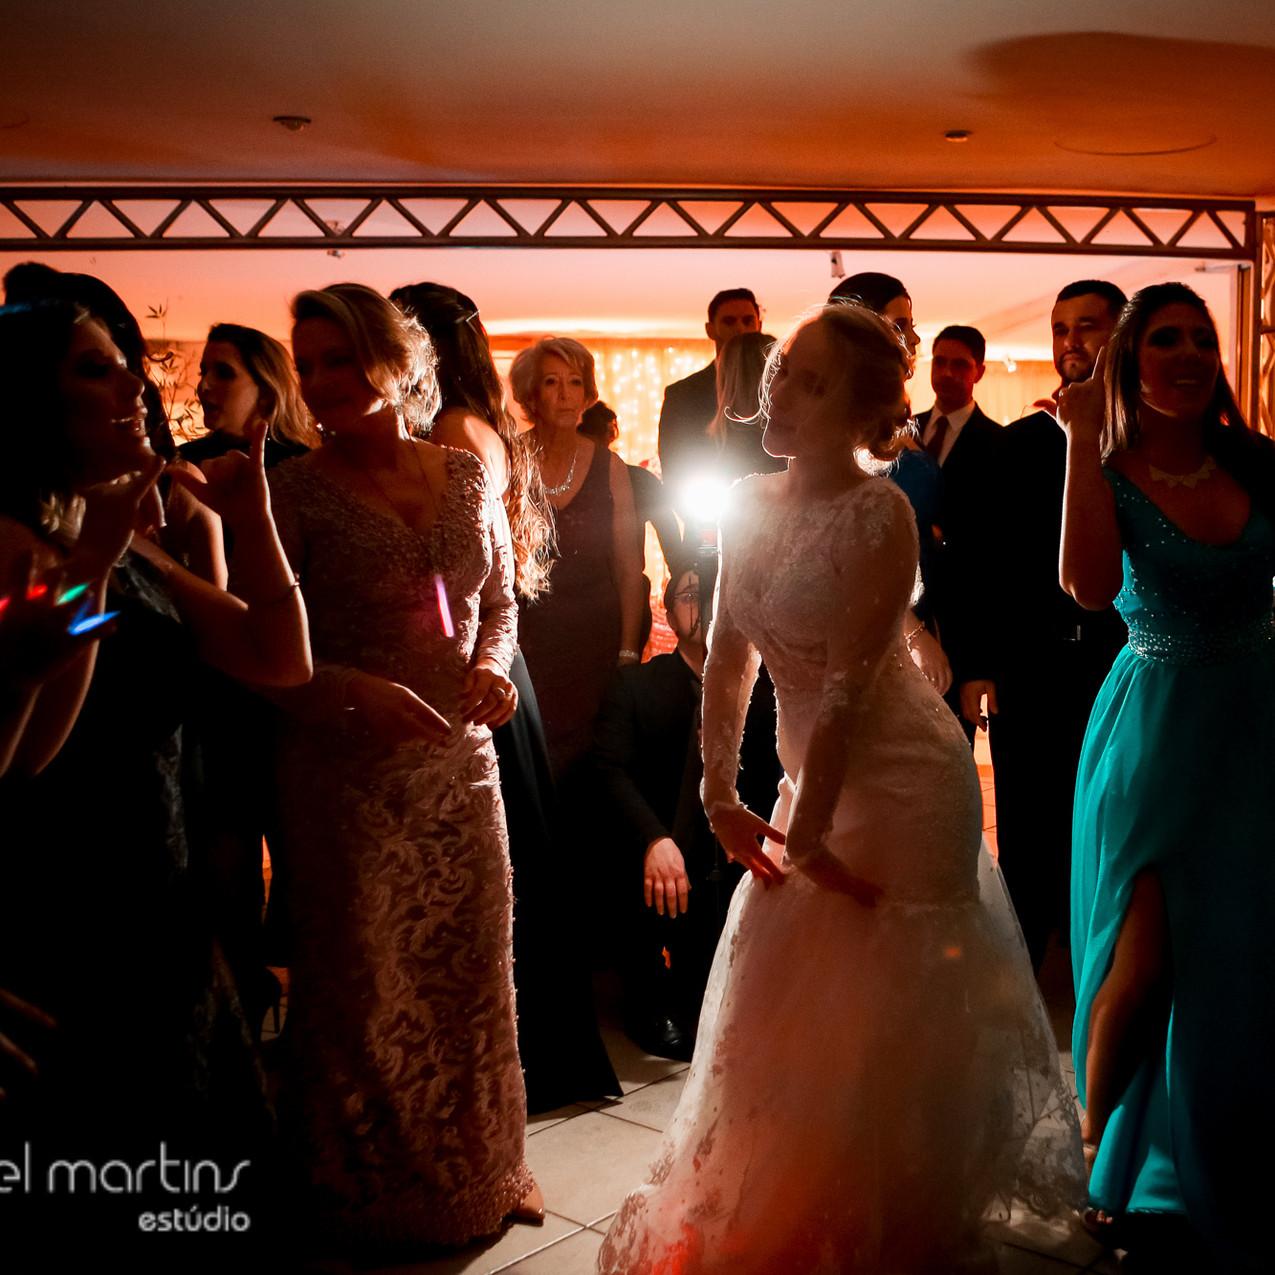 BeR-1475-fotografo-casamento-wedding-gotadagua-rustico-brunaeraul-boho-diy-portoalegre-daniel-martins